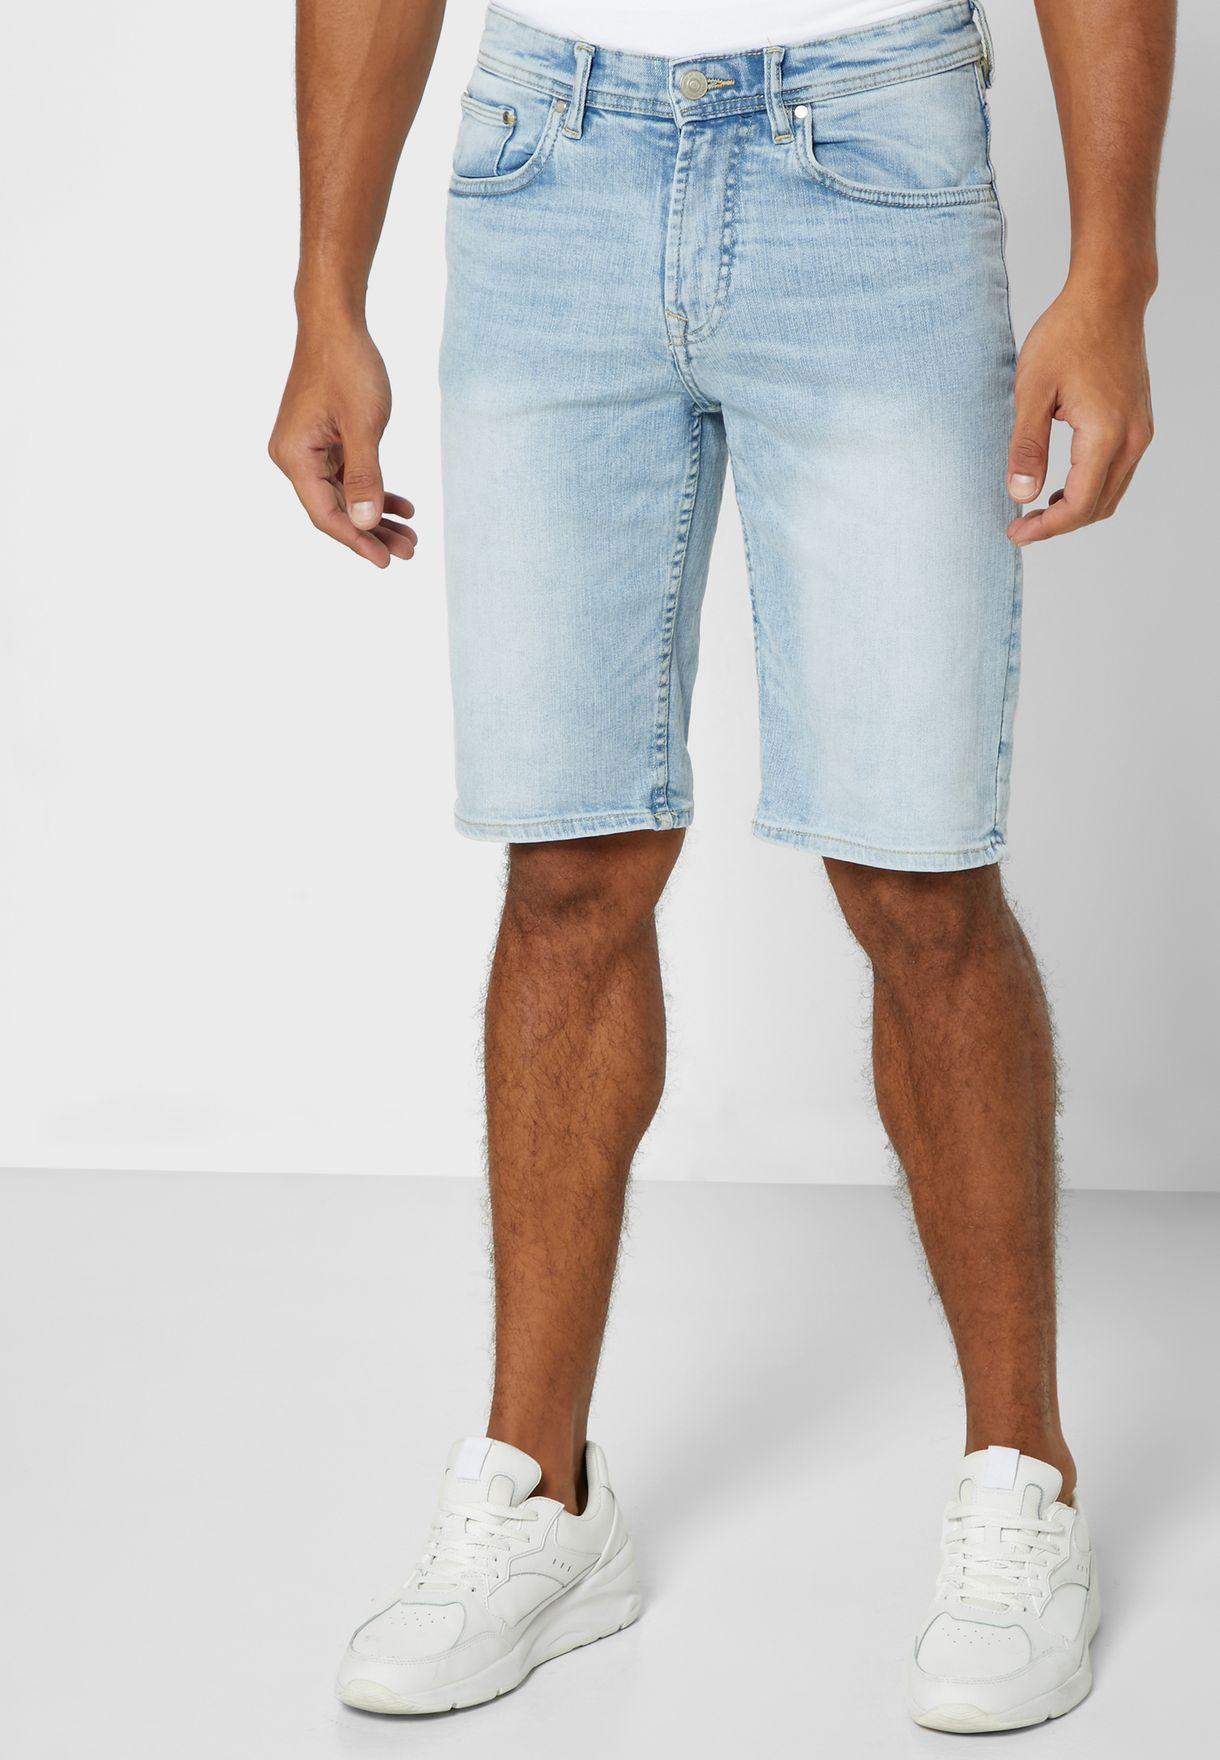 New Look Tall Blue Roll Hem Denim Shorts